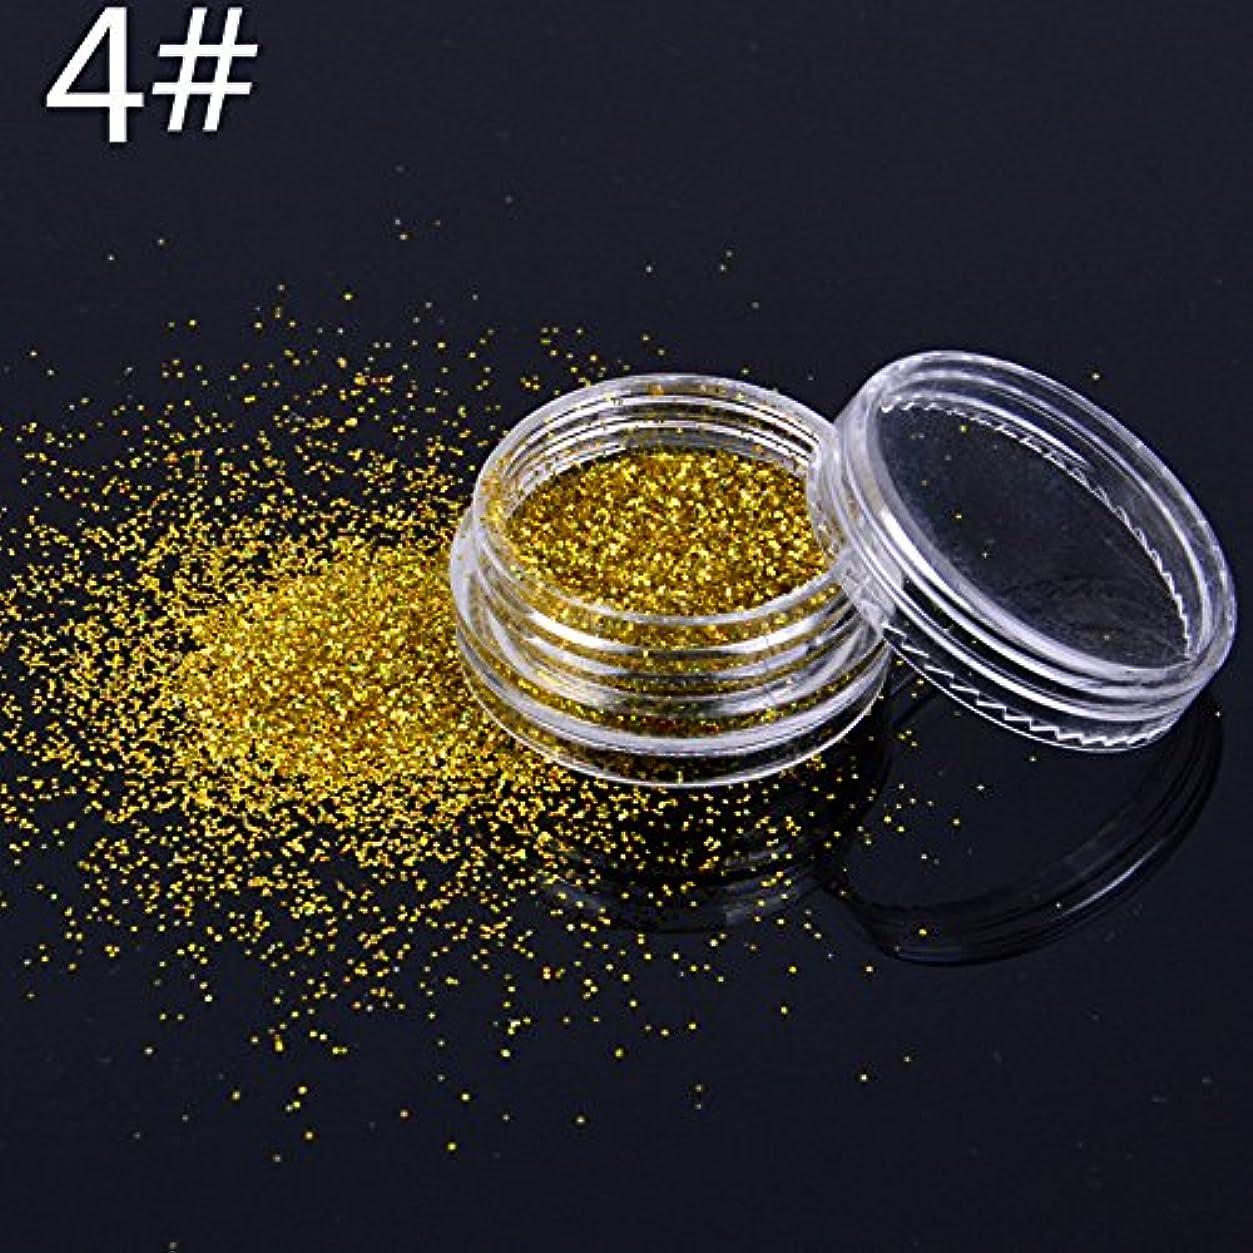 しないフェンス精通したキラキラ化粧キラキラルースパウダーEyeShadowゴールドアイシャドー顔料